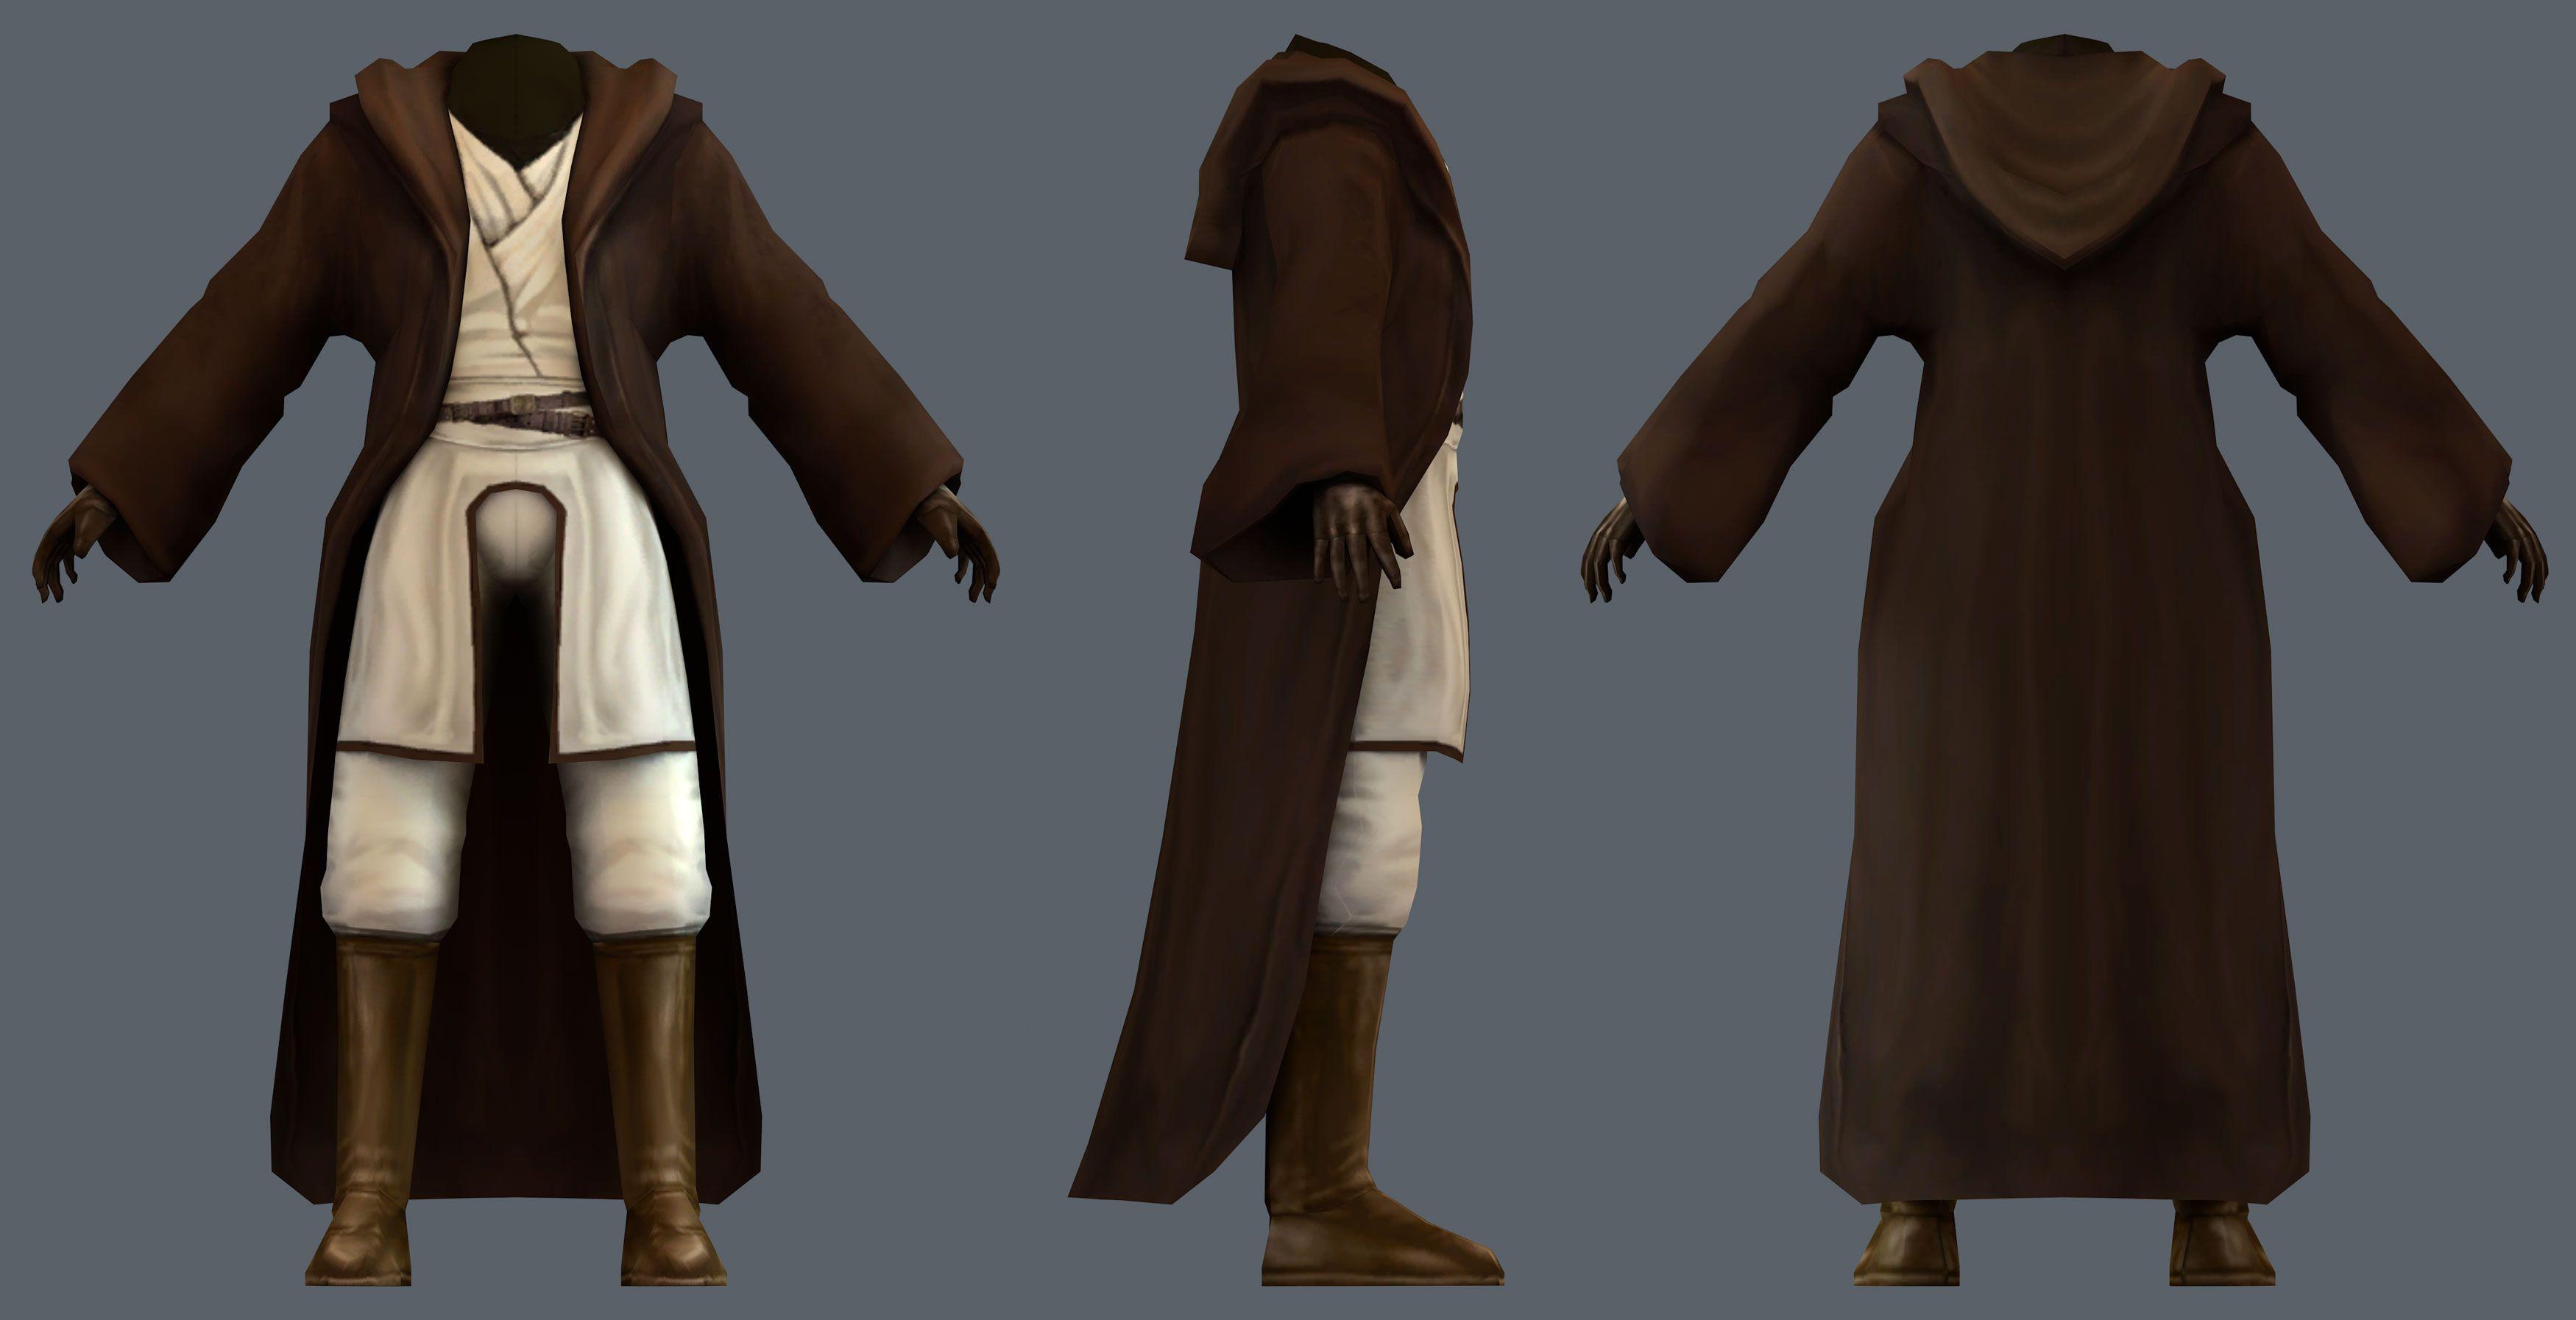 jedi clothing - Google Search | Jedi | Pinterest | Jedi clothing